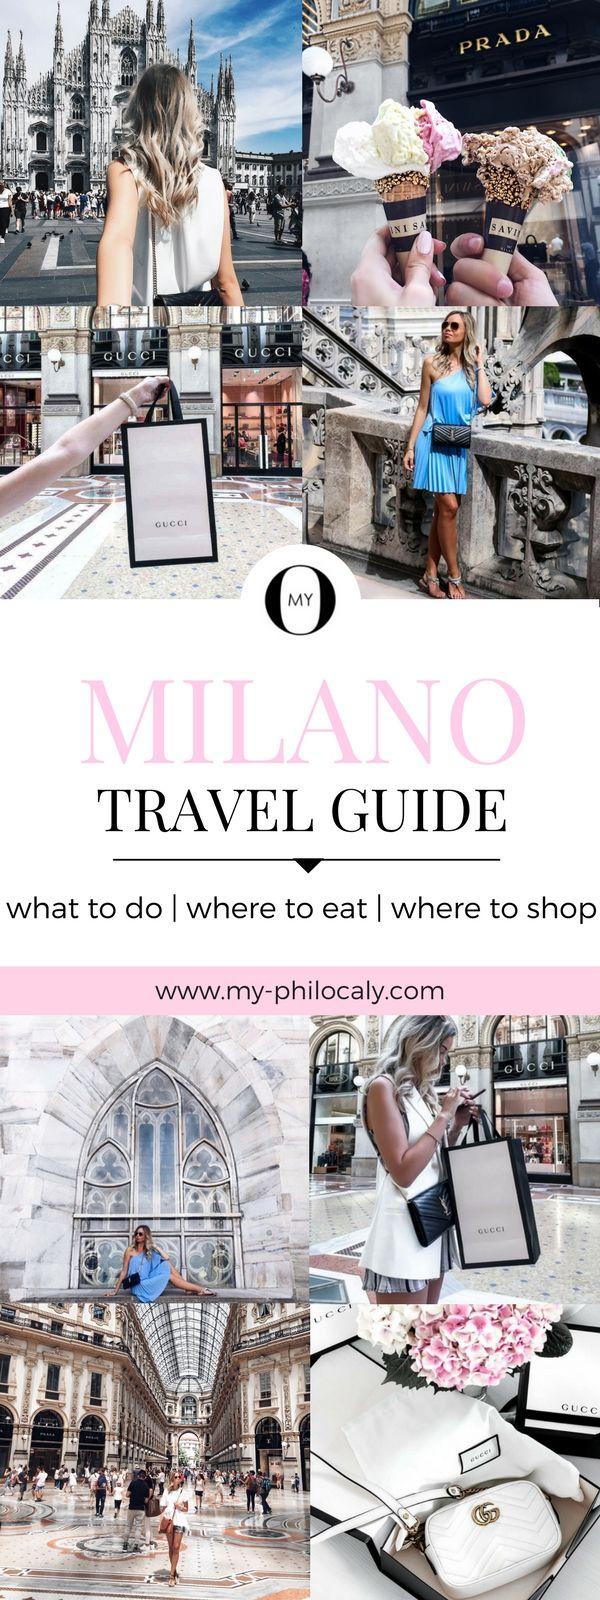 Reisetipps, Sightseeing Tipps, Shopping Tipps für Mailand! Hier erfährst du, was du in Mailand unbedingt sehen solltest, wo du am besten essen kannst und wo sich shopping am meisten lohnt :)